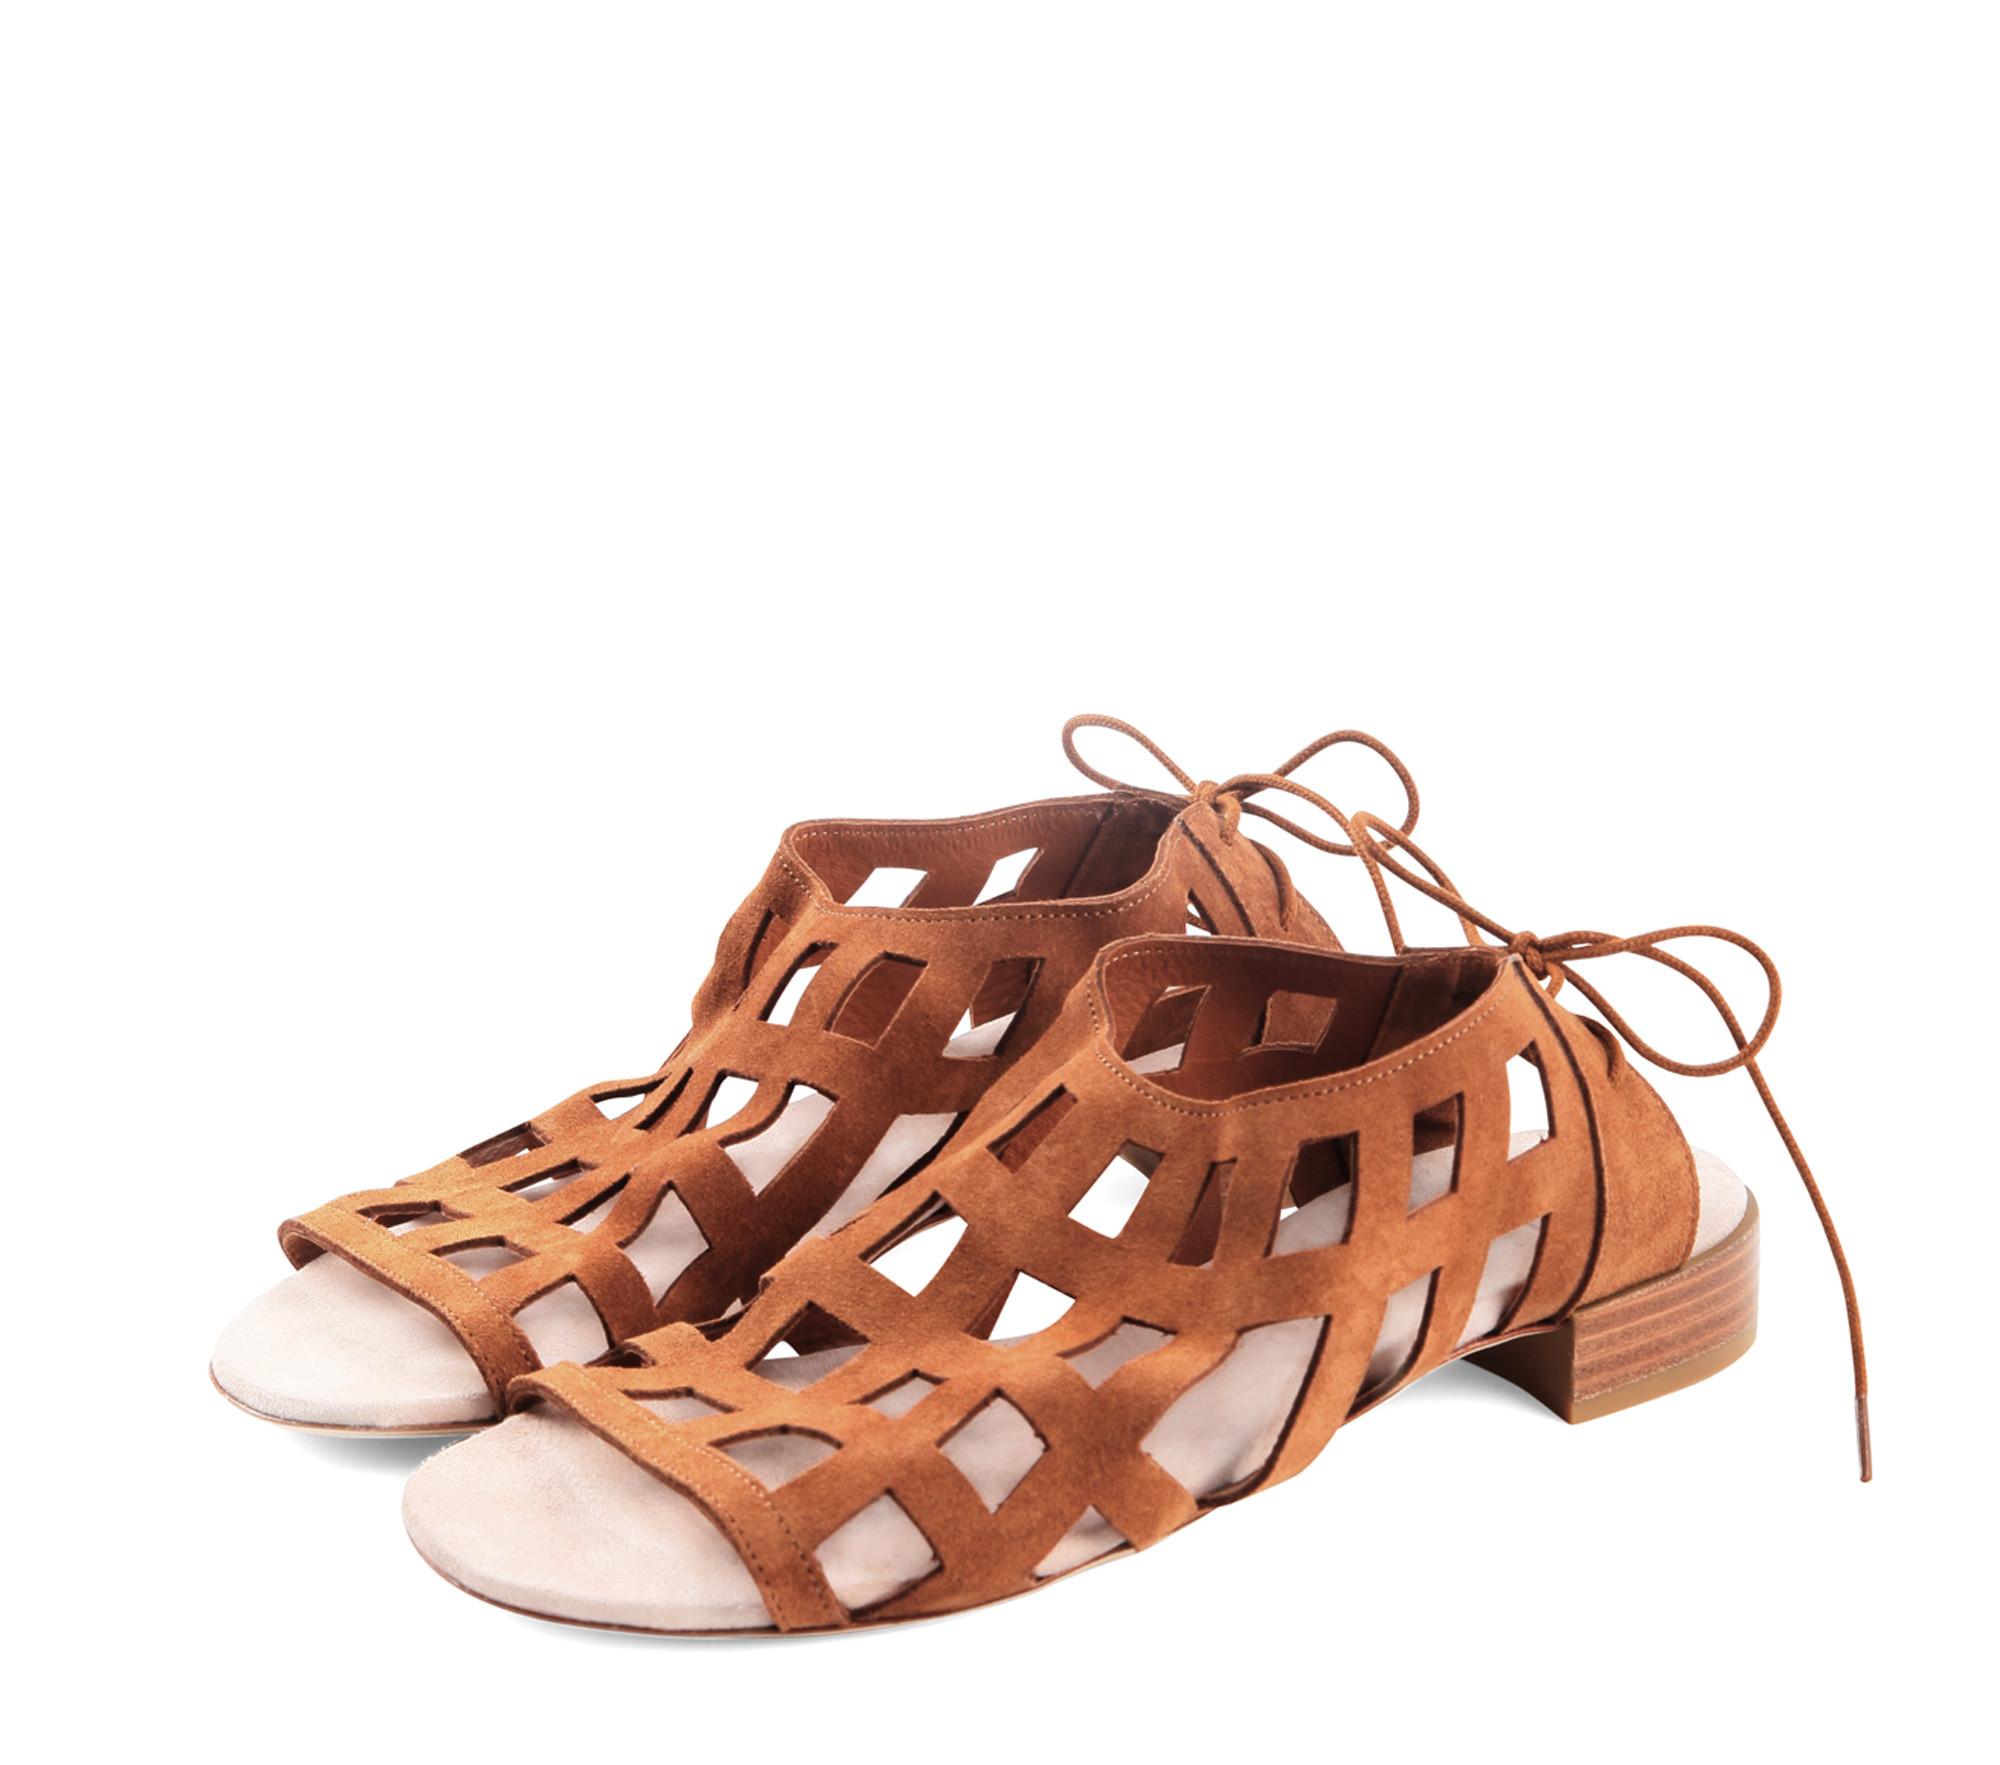 Ita sandal